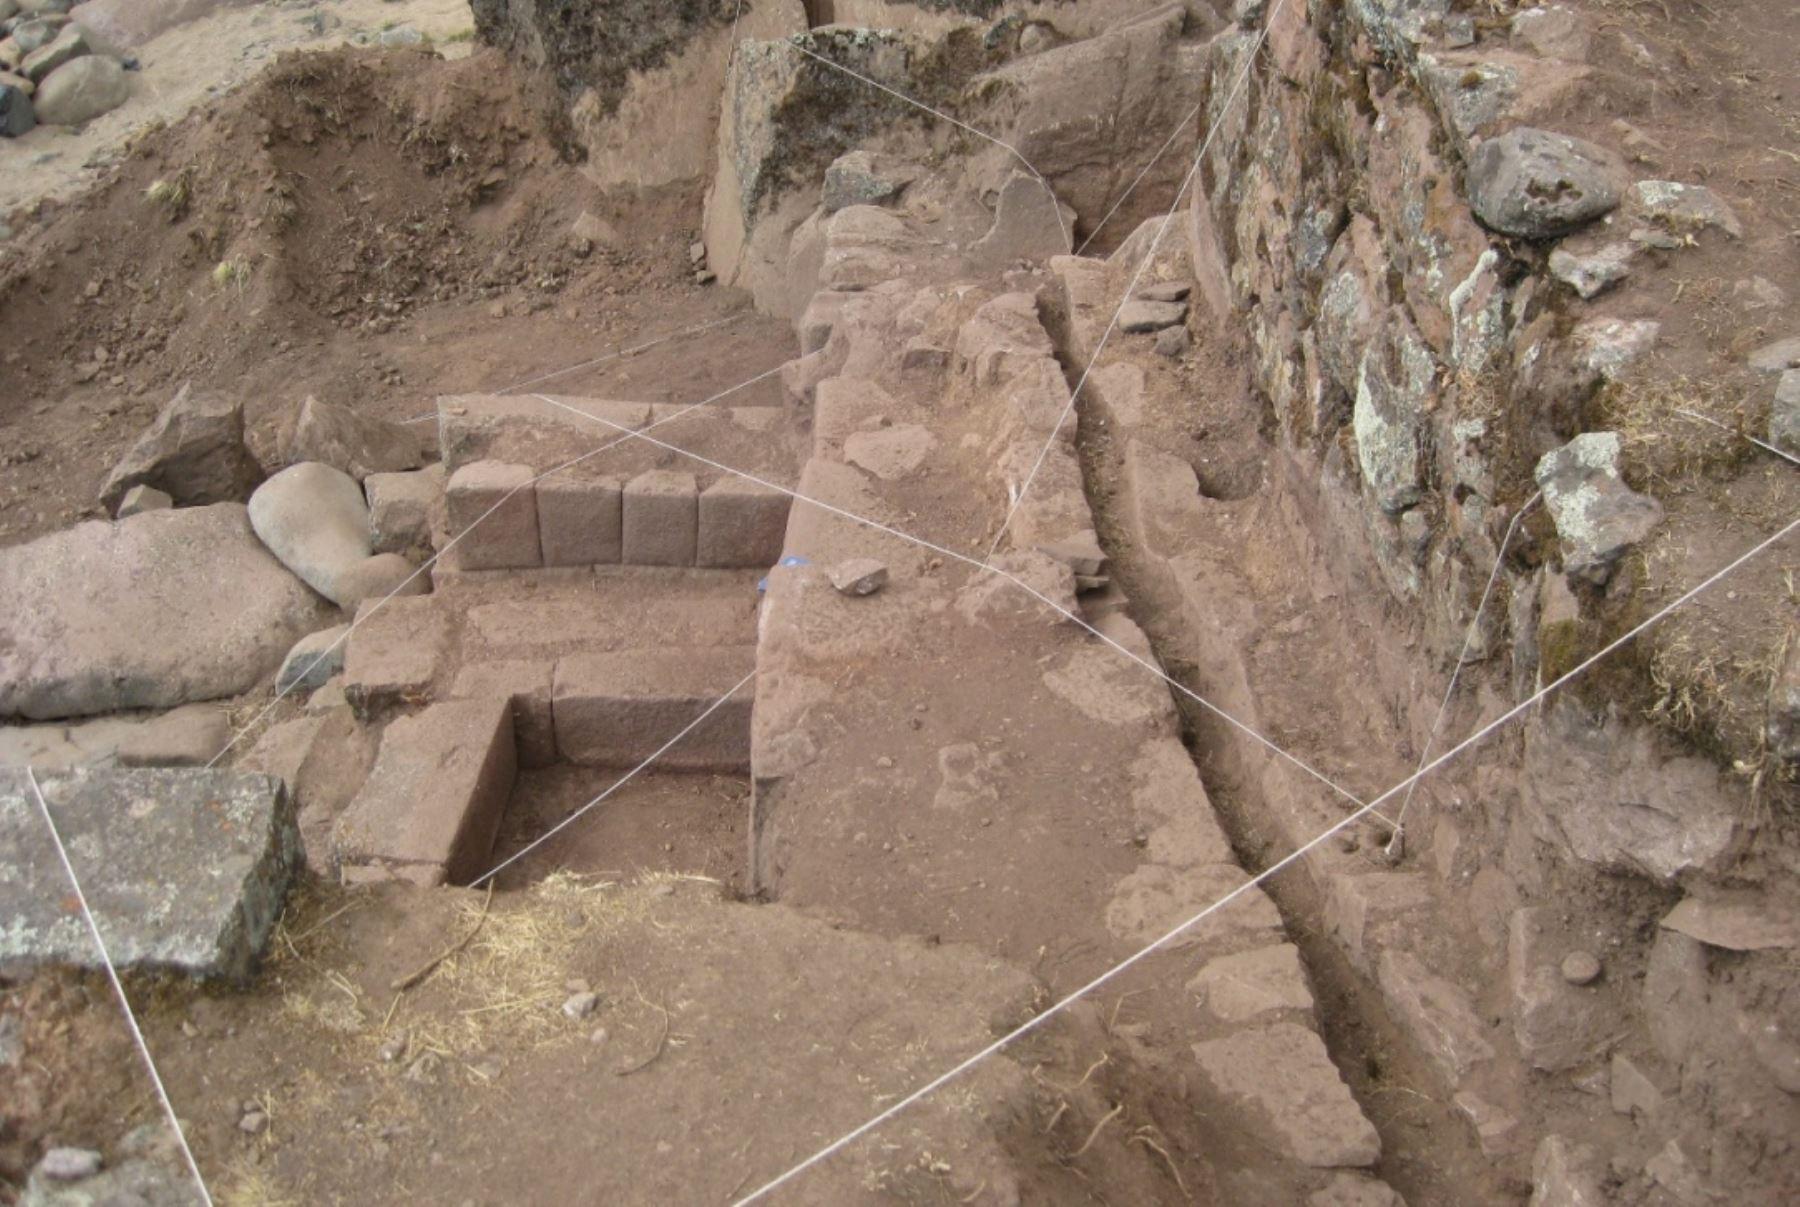 Descubren piedra de 13 ángulos en complejo arqueológico Inkawasi, en Huancavelica.